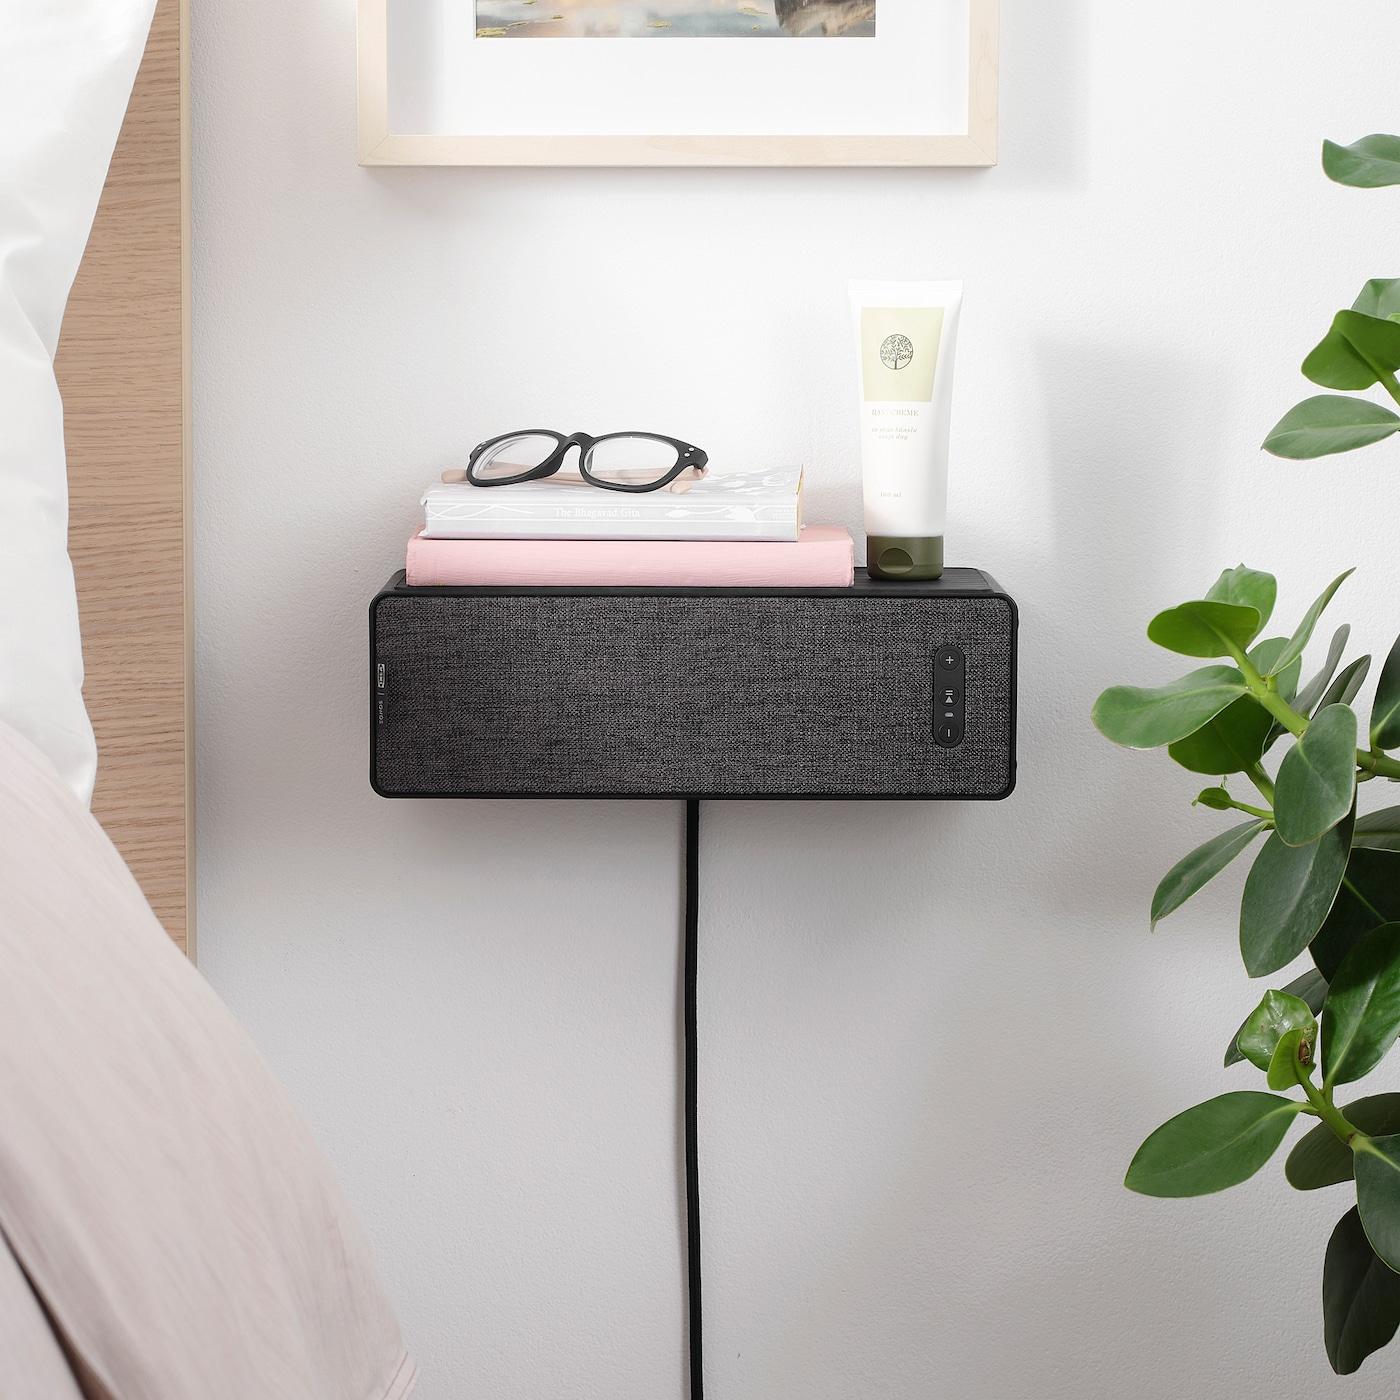 SYMFONISK Regal-WiFi-Speaker, schwarz